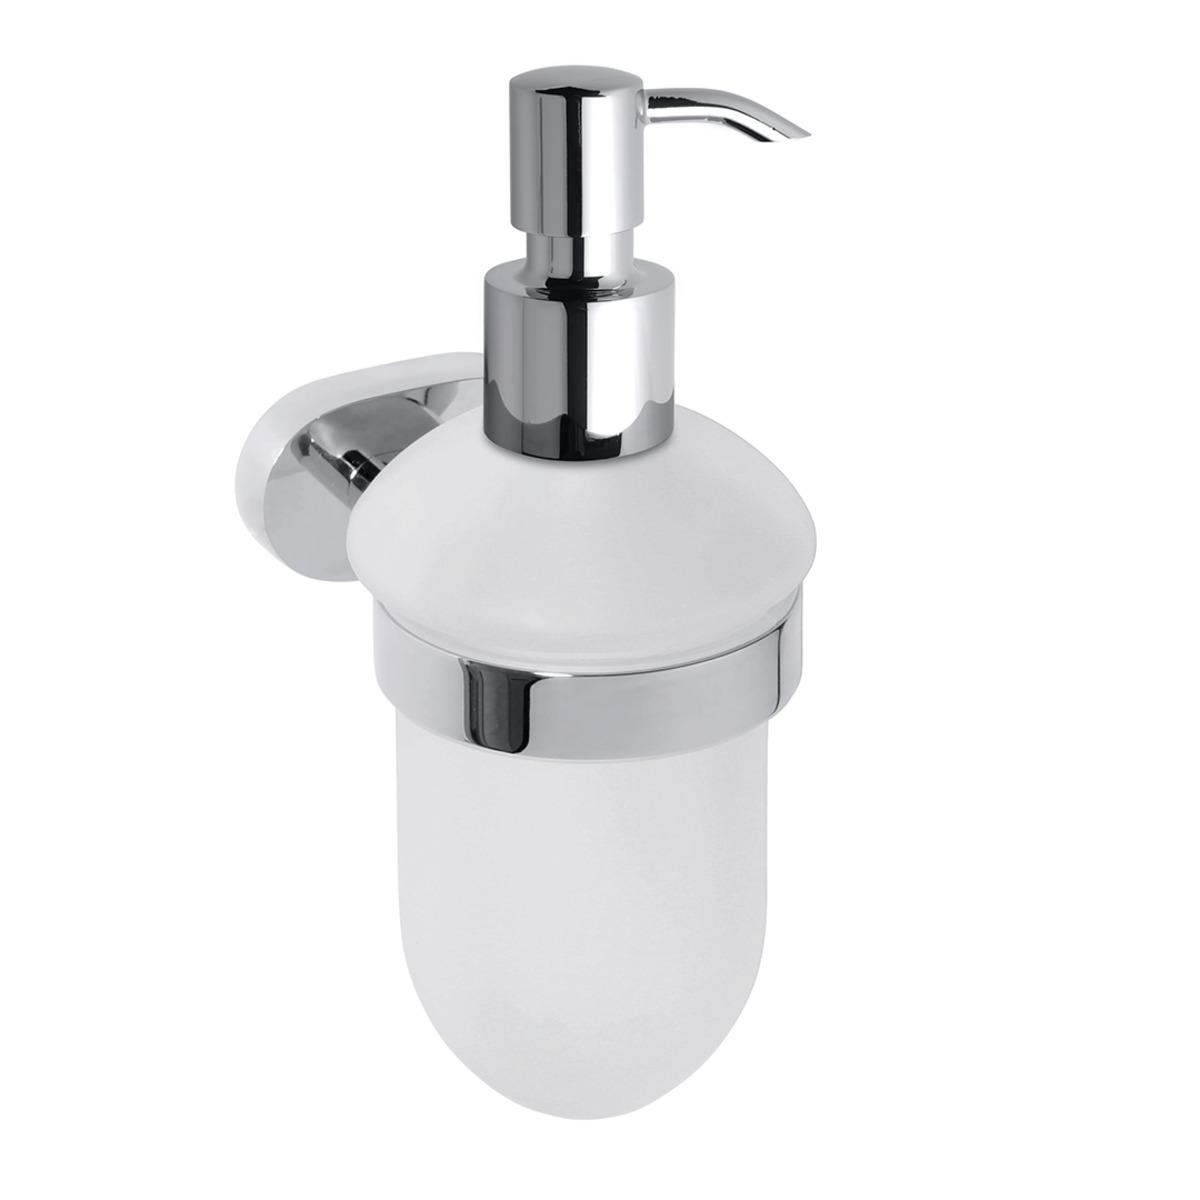 Dávkovač mýdla Bemeta OVAL chrom 118409011